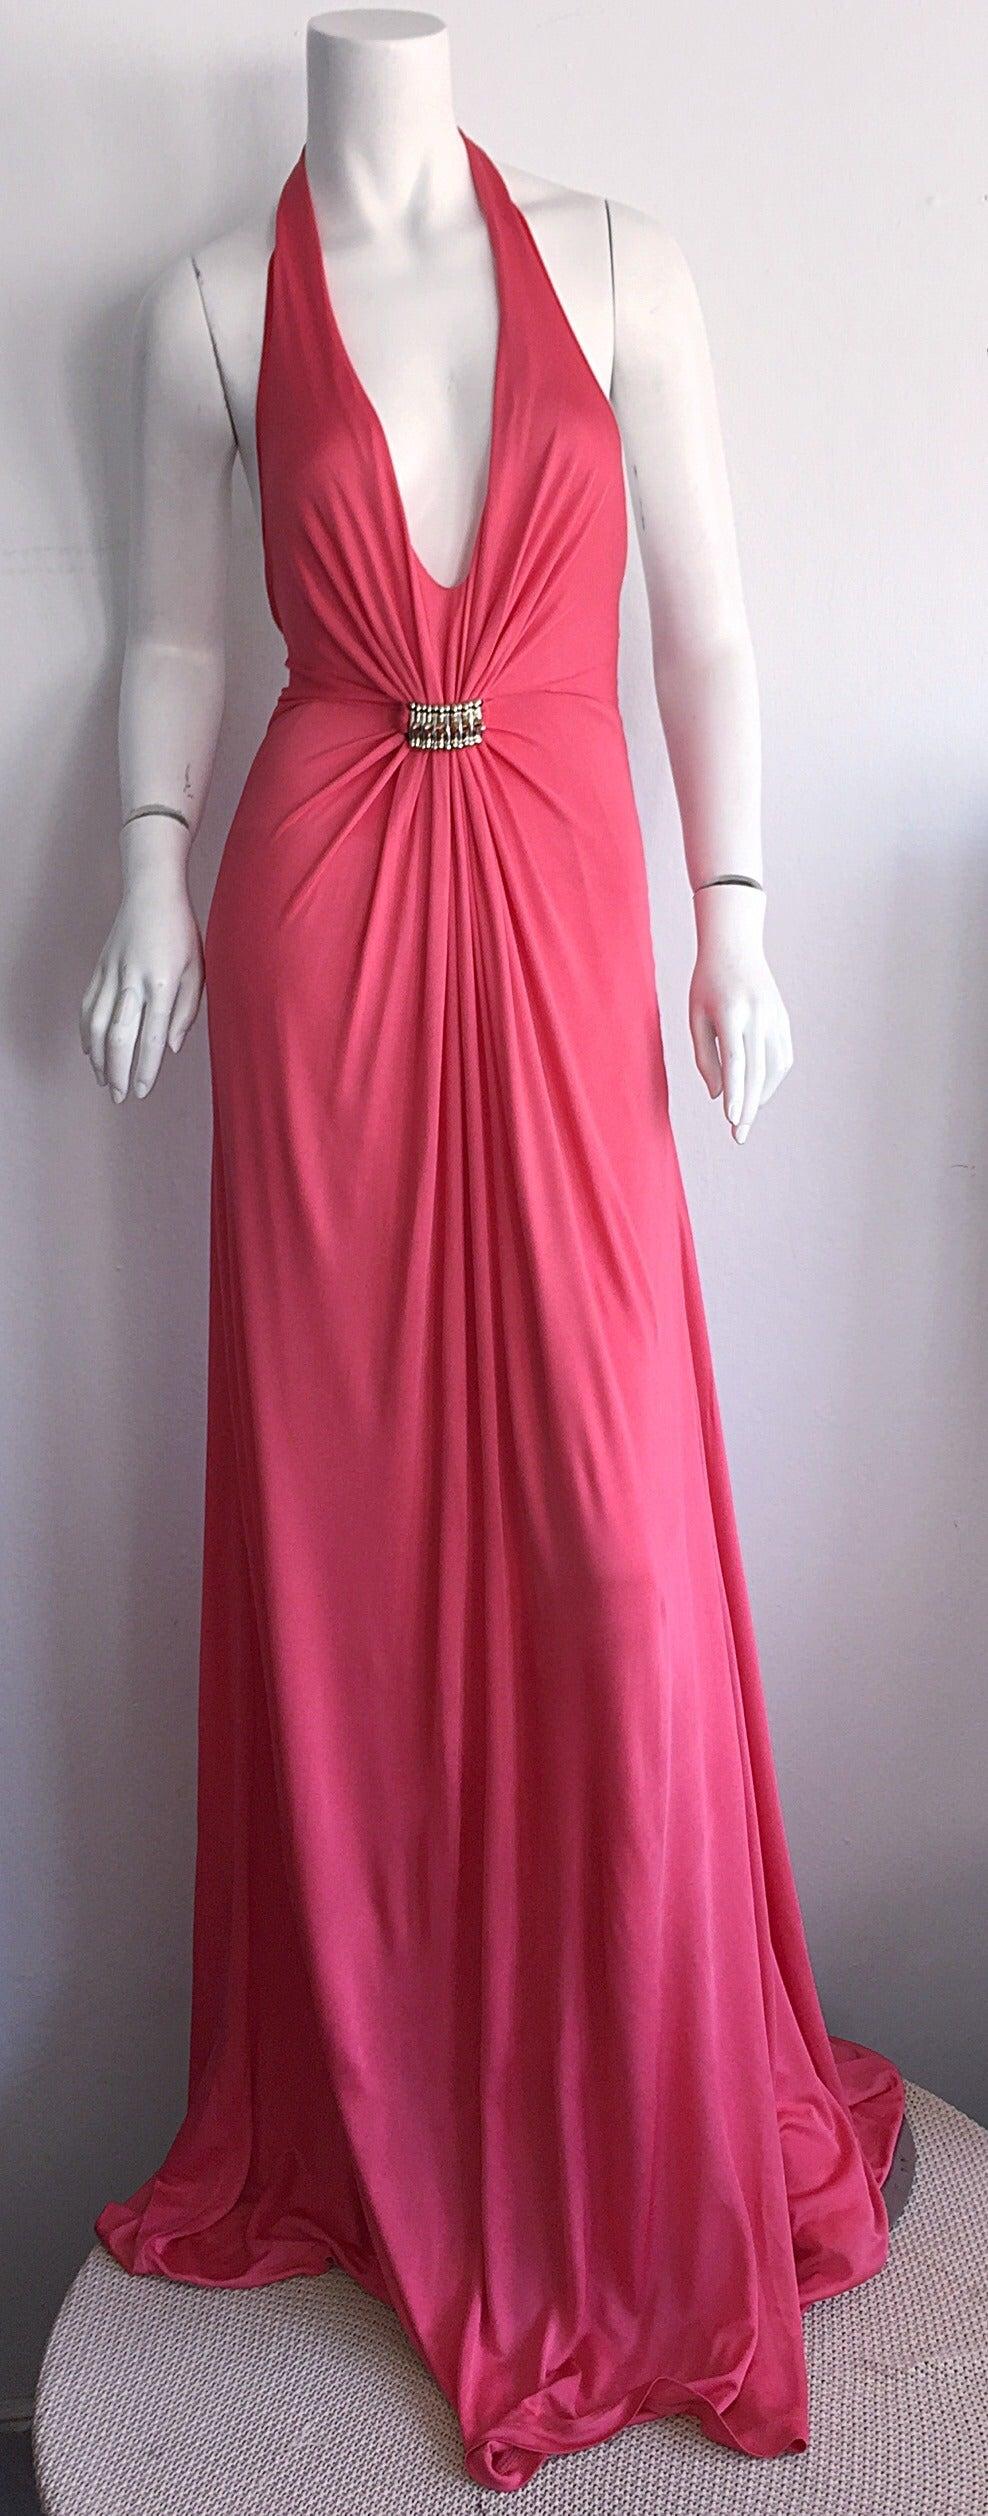 Byblos Pink Silk Jersey ' Plunge ' Pink Coral Halter Gown w/ Spikes 3